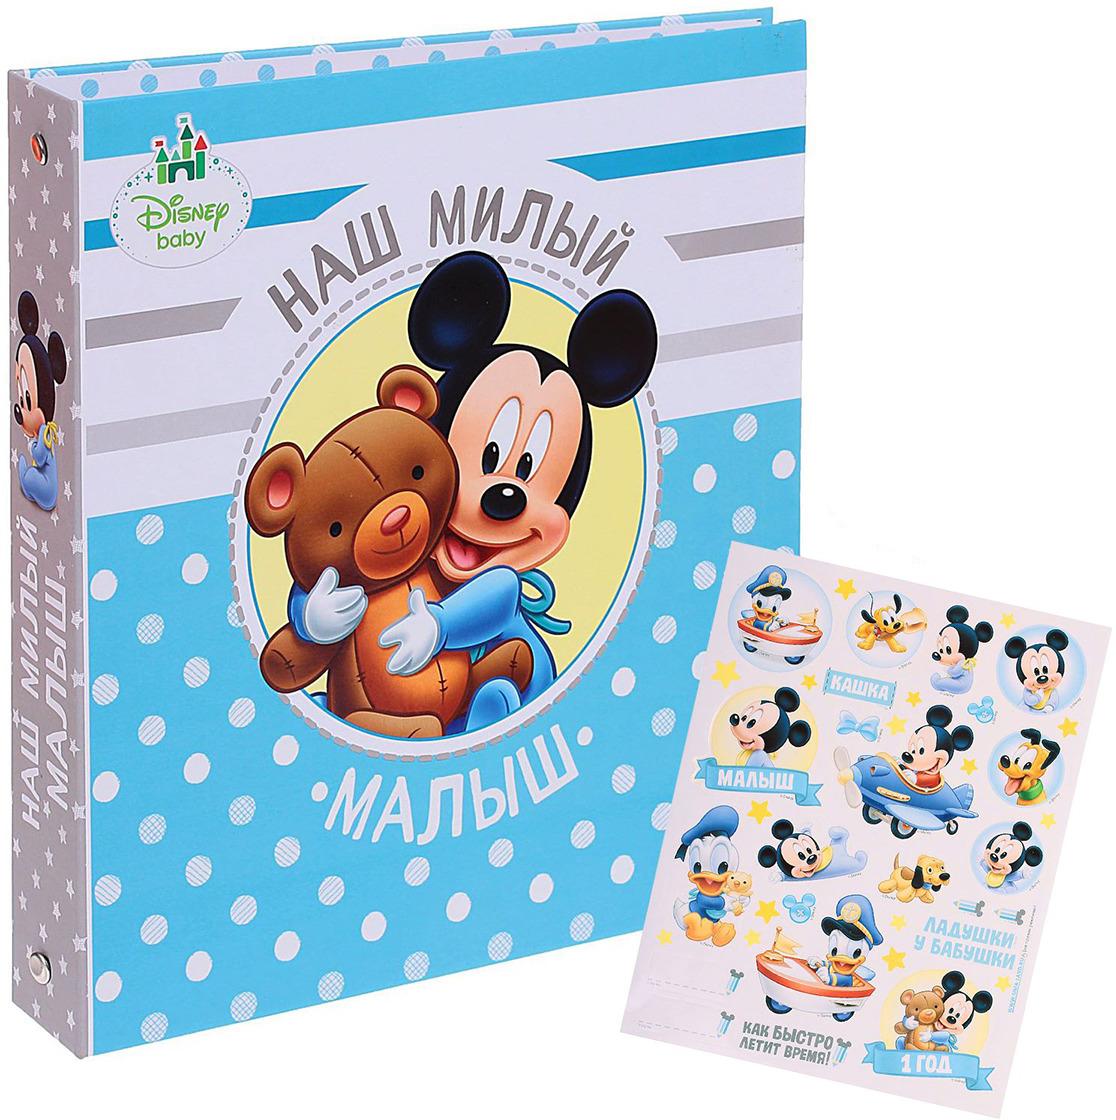 Фотоальбом Disney Наш милый малыш, на кольцах, с наклейками, 1466738, мультиколор, 21 х 23 х 4 см